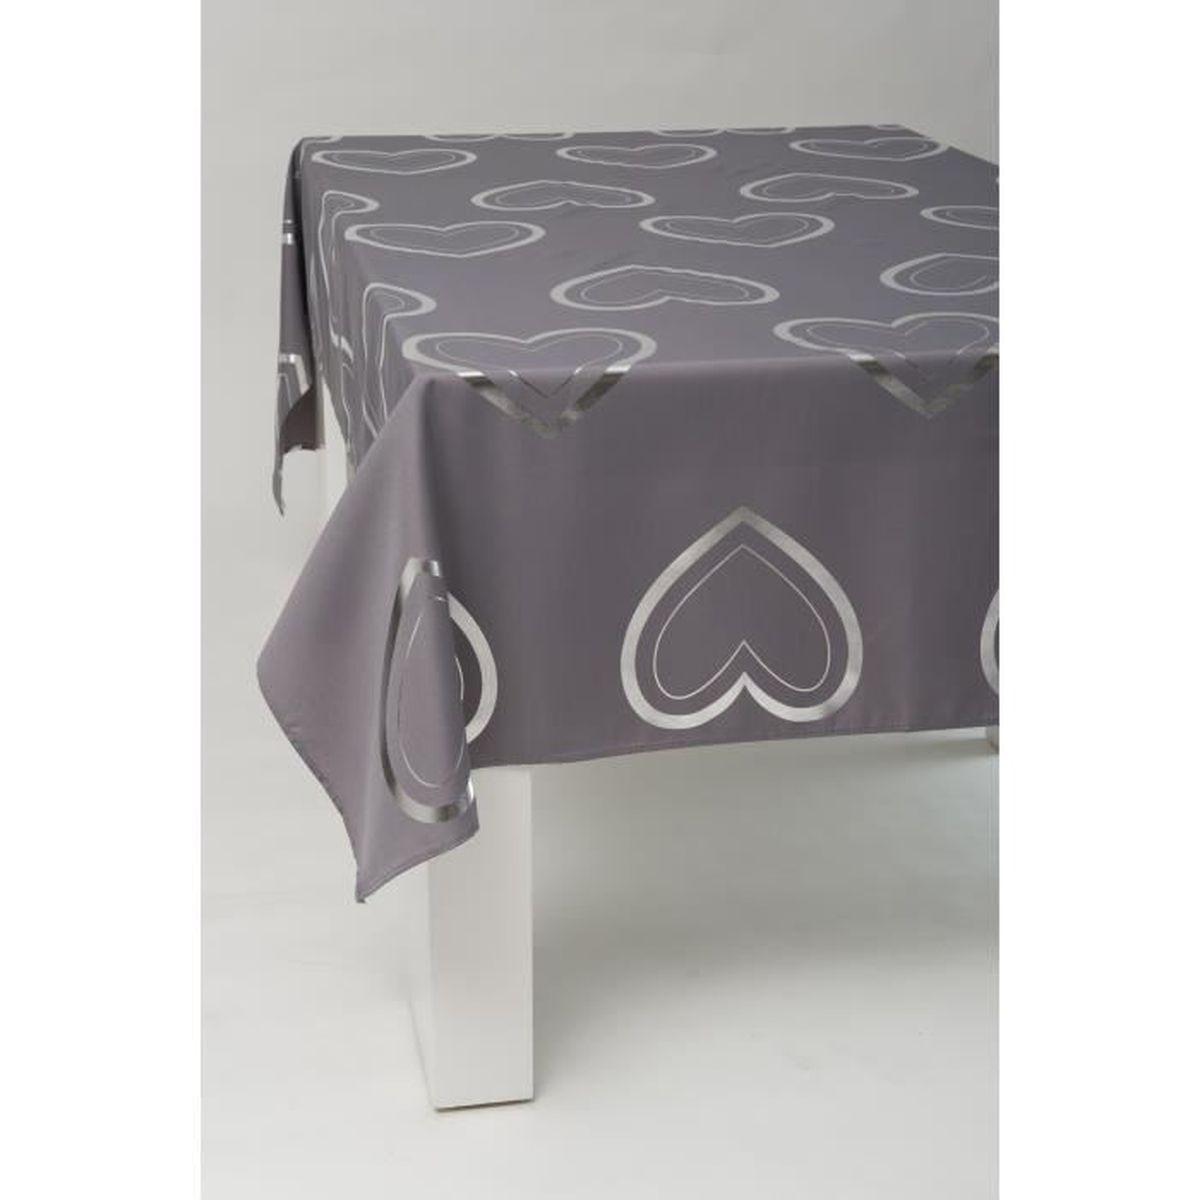 nappe rectangle 240x150 cm anti taches coeur argent gris achat vente nappe de table. Black Bedroom Furniture Sets. Home Design Ideas